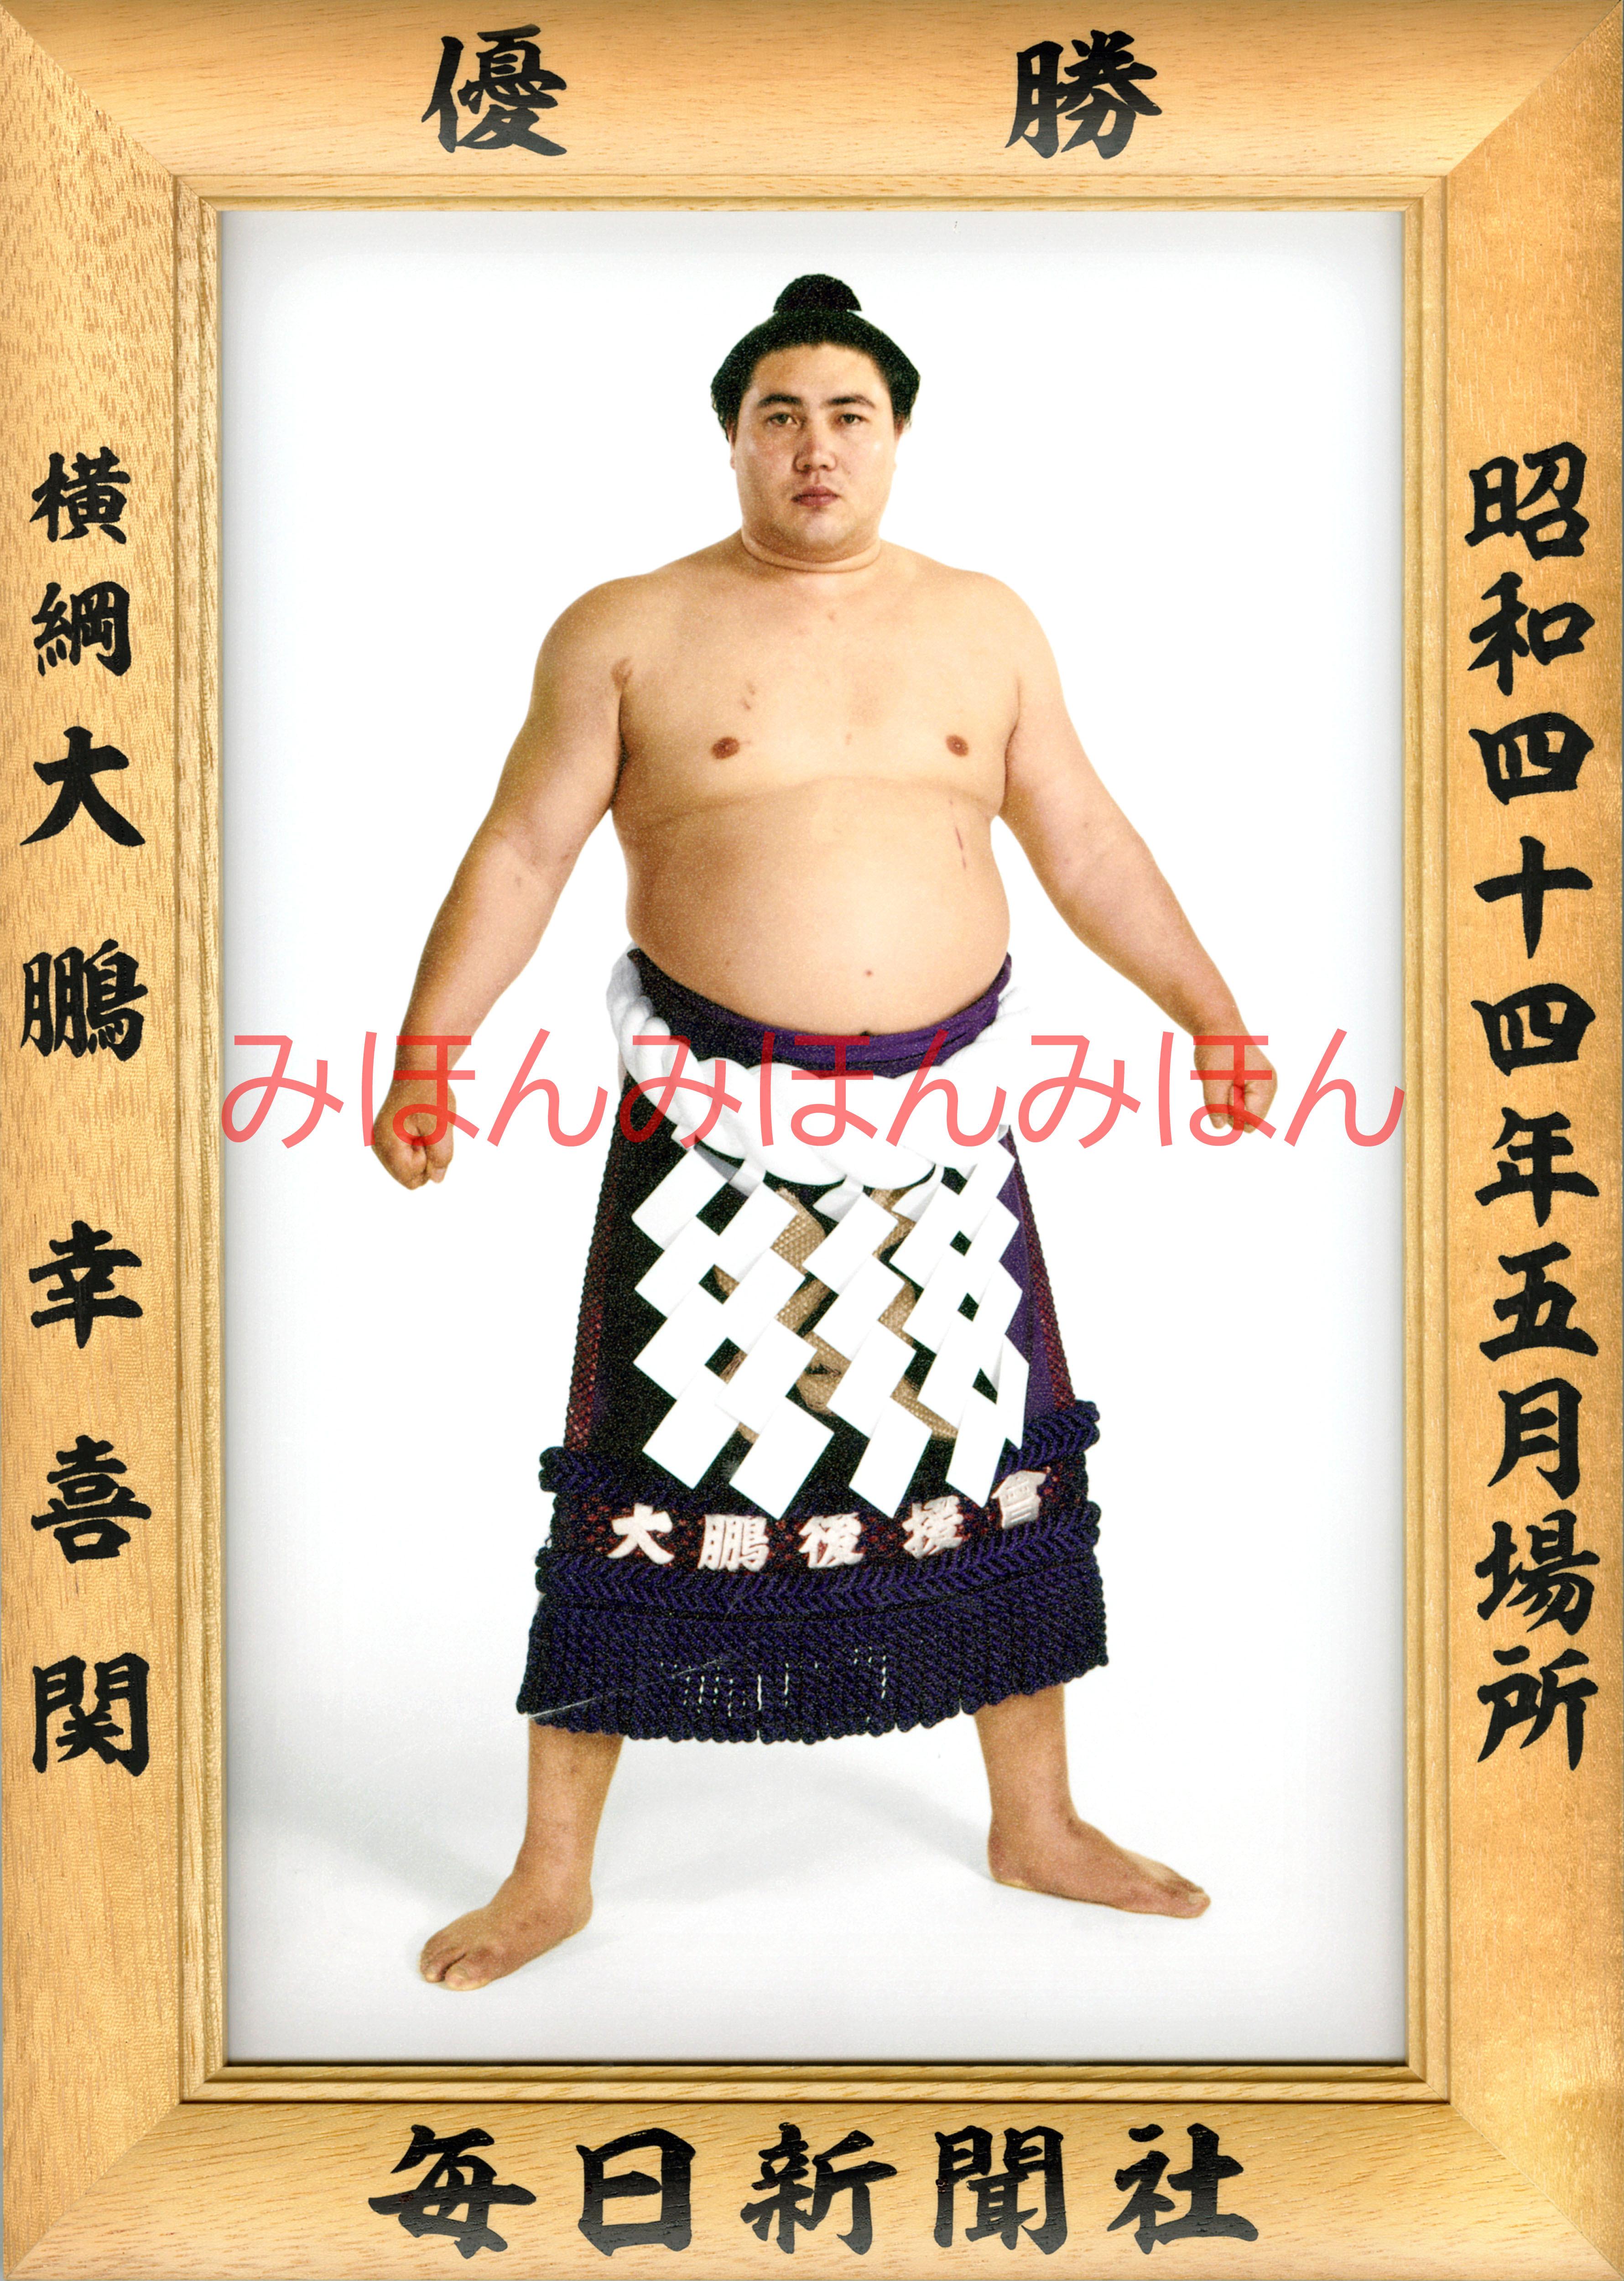 昭和44年5月場所優勝 横綱 大鵬幸喜関(30回目の優勝)